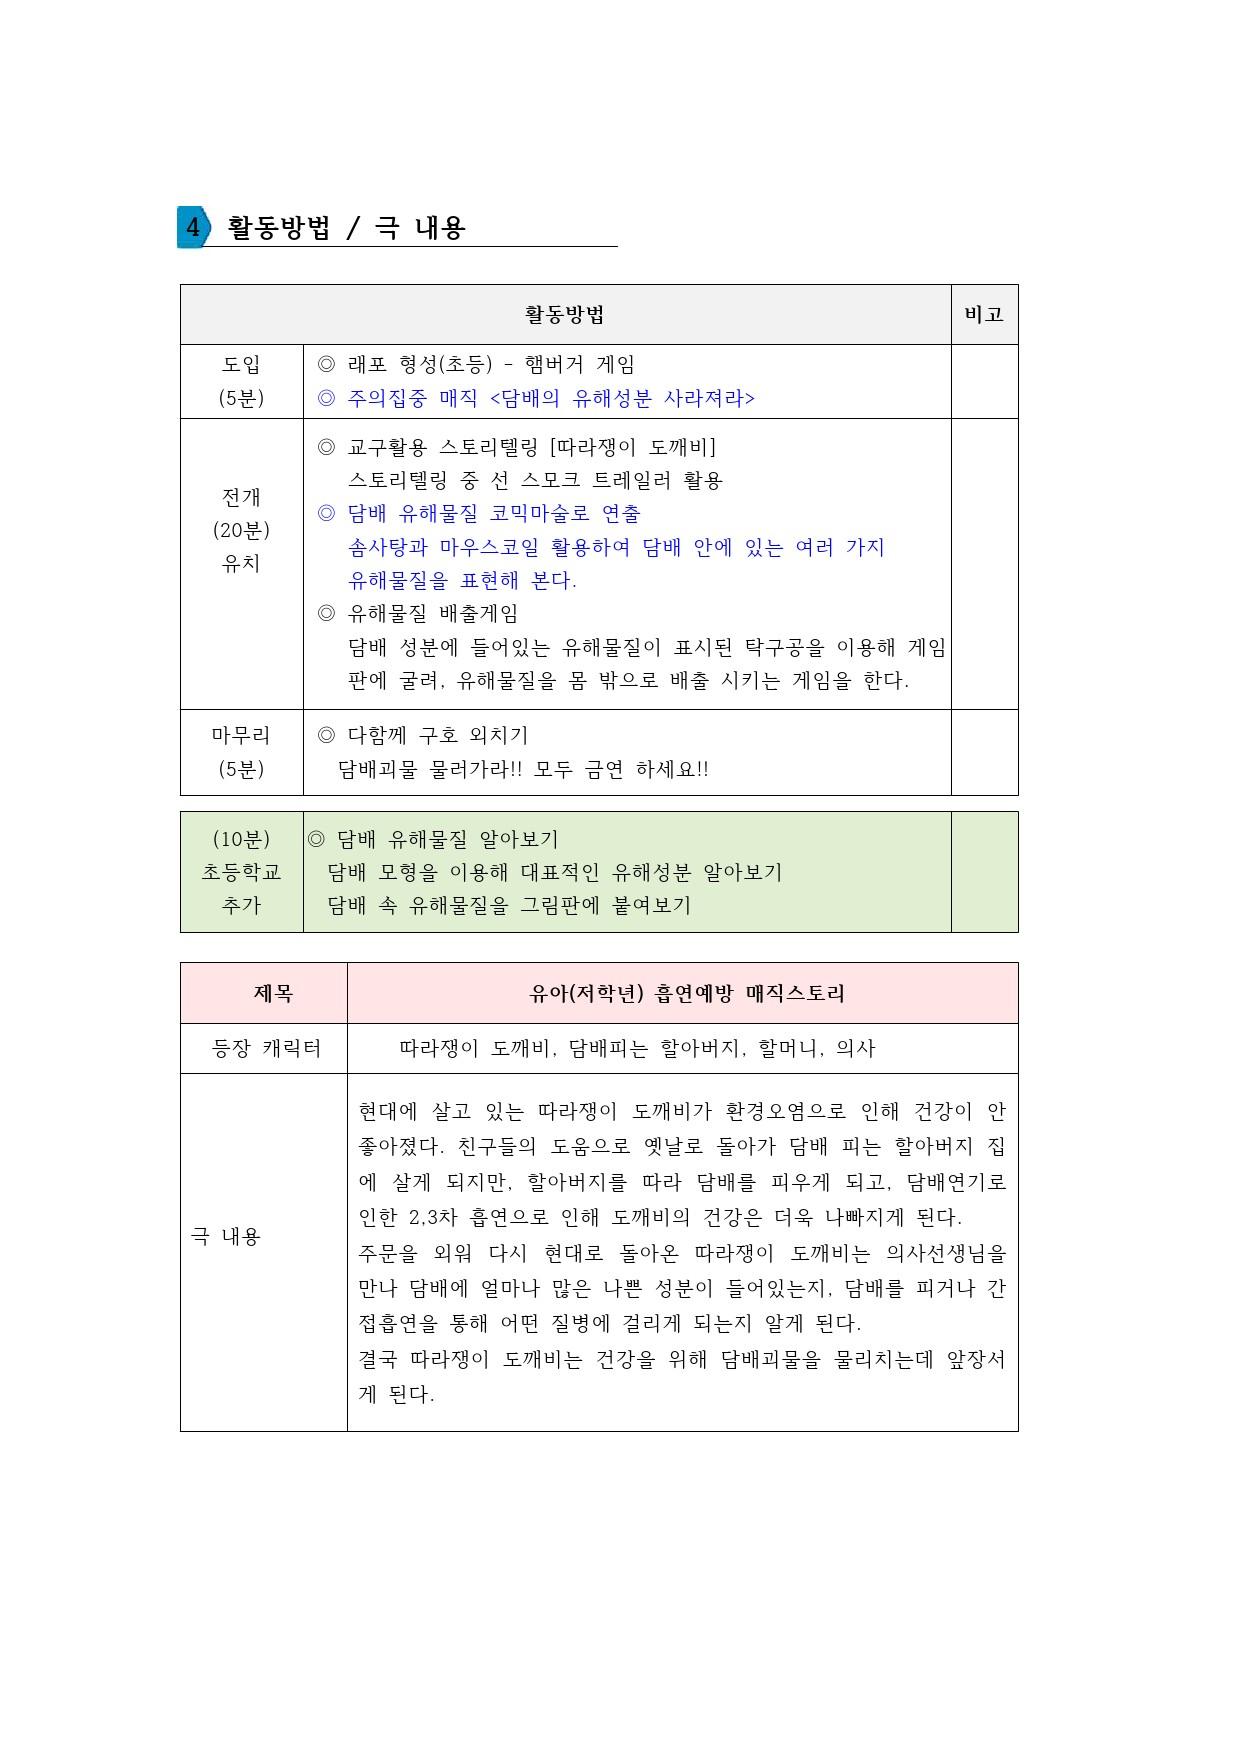 유아 흡연예방 매직스토리 (유치원, 초등 저학년)-3.jpg